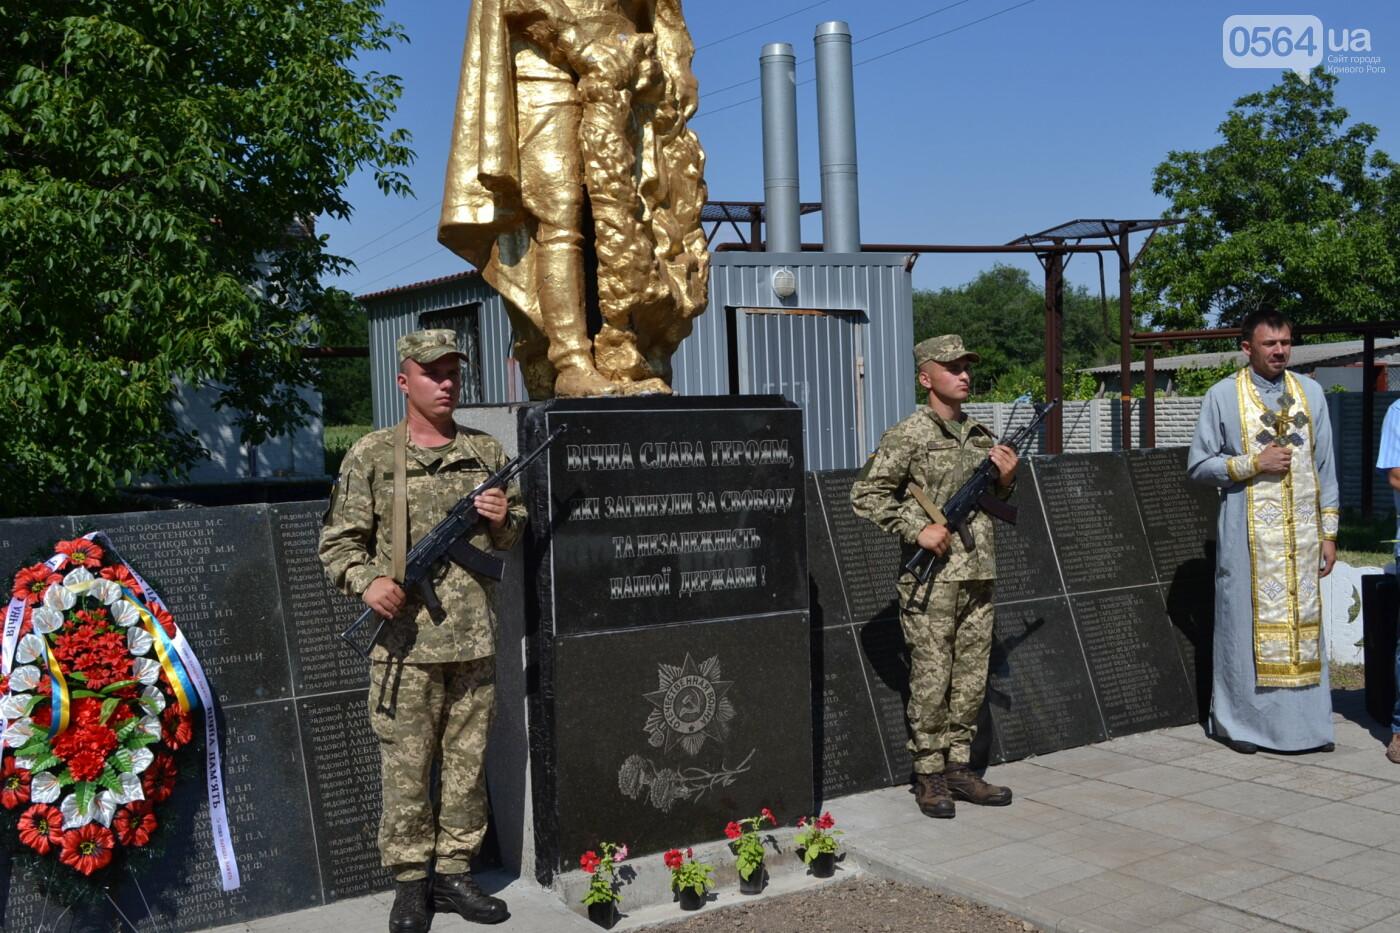 Вечная память! На Криворожье торжественно захоронили останки 43 воинов Второй мировой, - ФОТО, ВИДЕО, фото-22